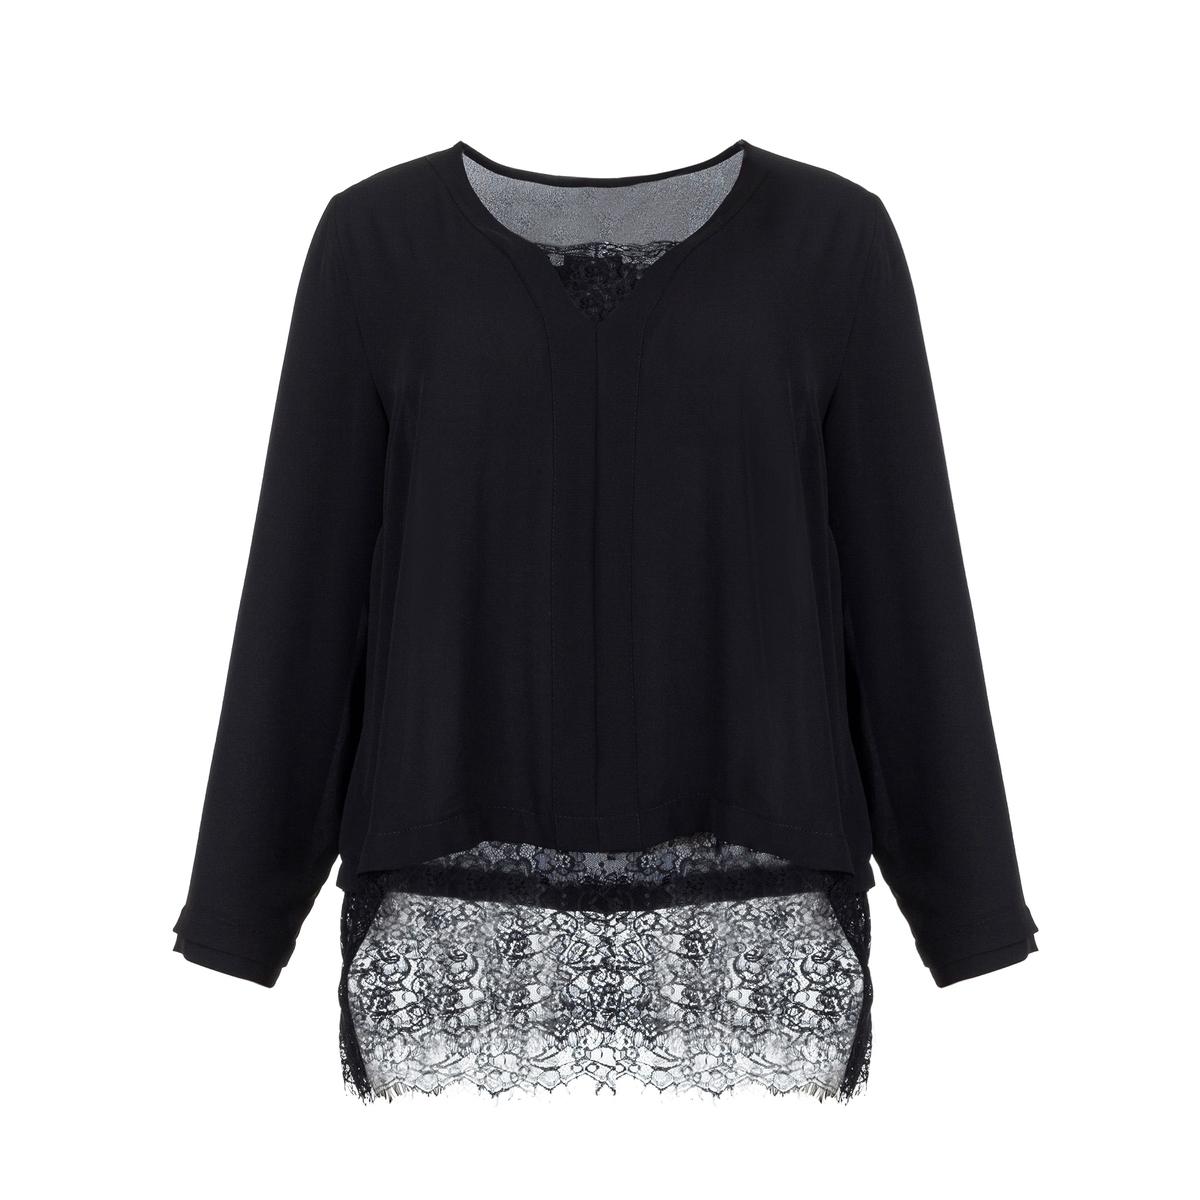 БлузкаДлинная блузка с женственным украшением из кружева снизу . Длинные рукава.  V-образный вырез с кружевом<br><br>Цвет: черный<br>Размер: 44/46 (FR) - 50/52 (RUS).52/54 (FR) - 58/60 (RUS)